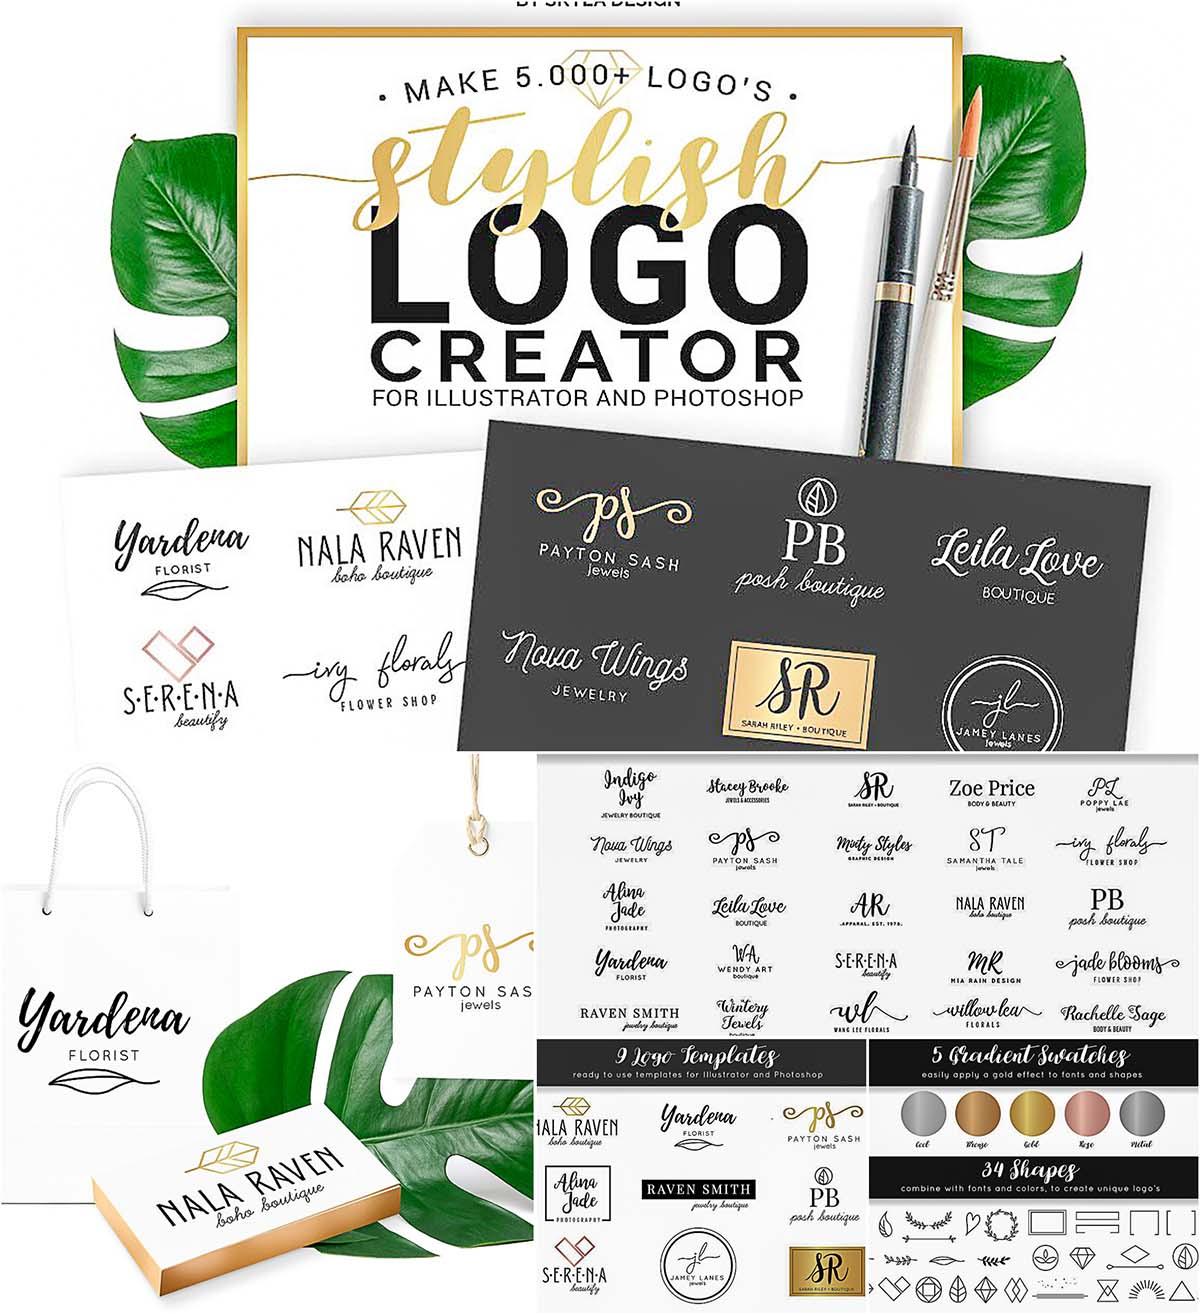 Stylish logo creation kit